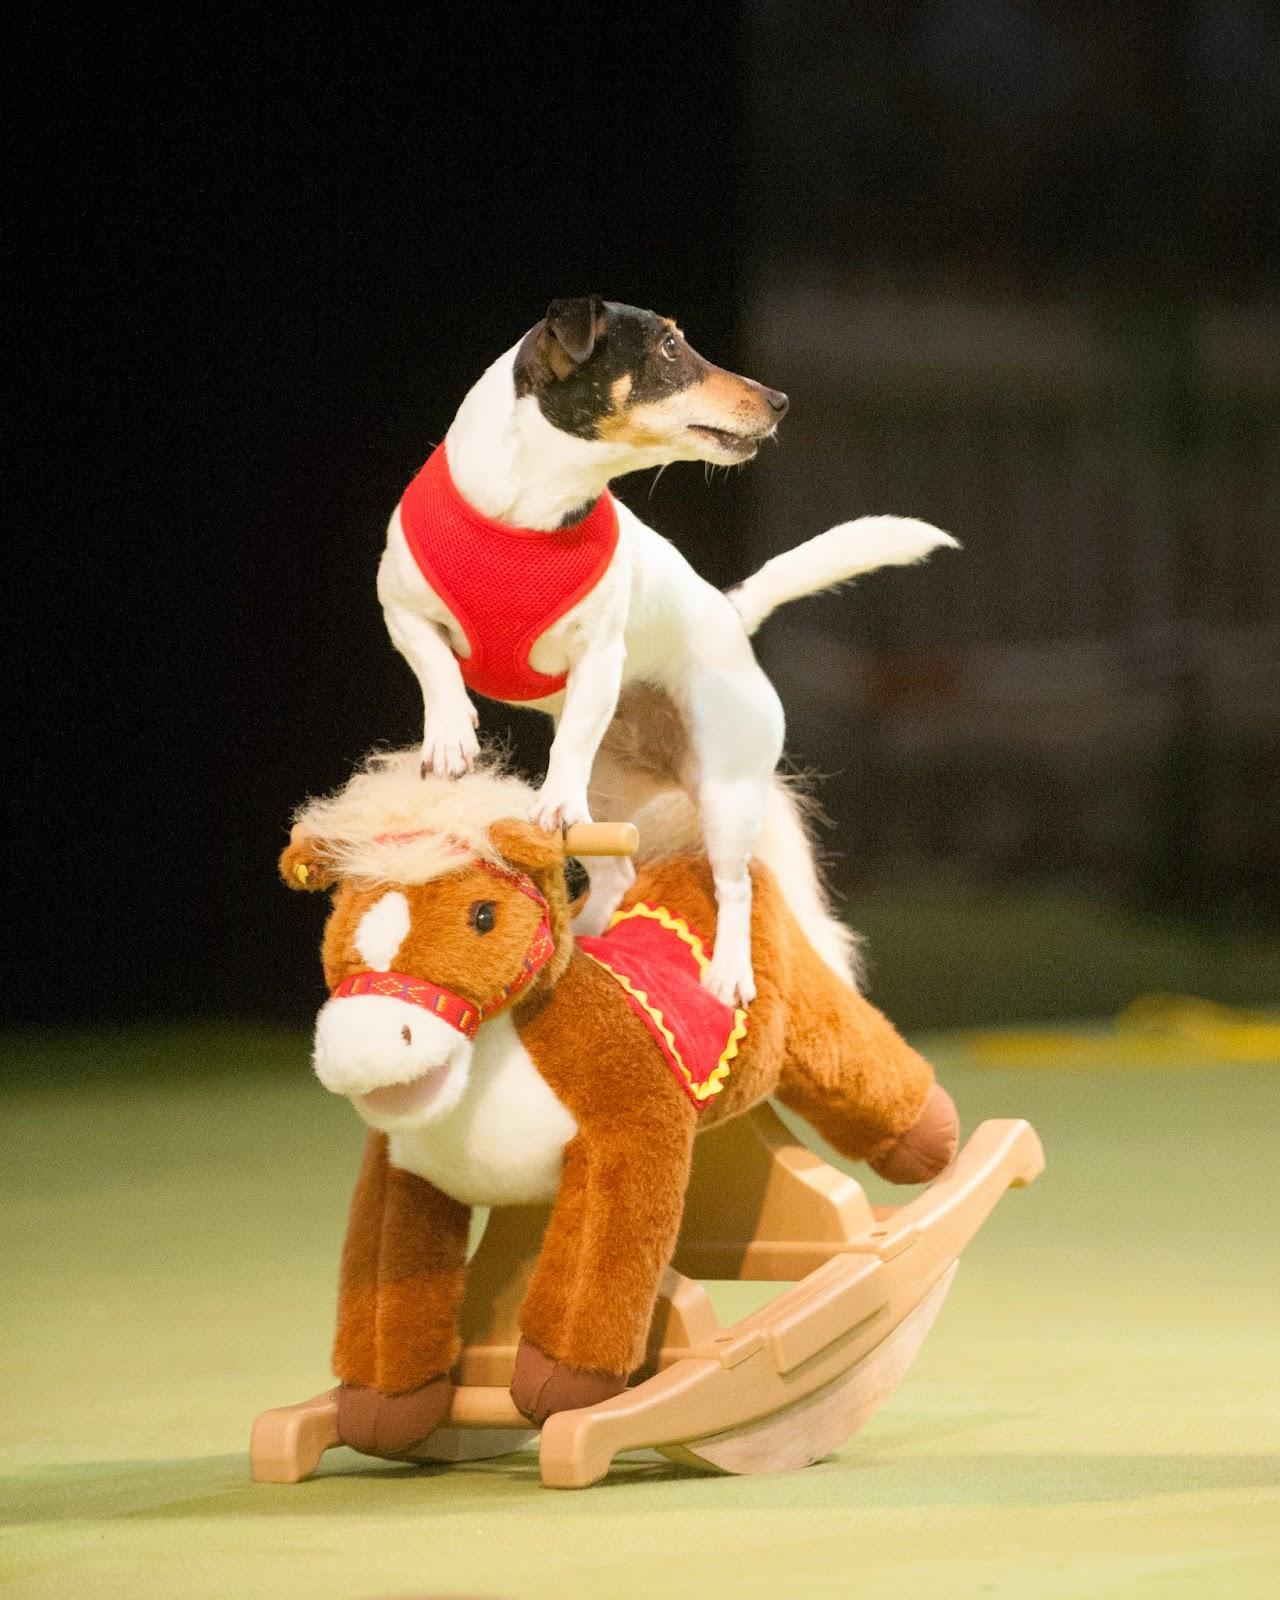 Talented dog on rocking horse